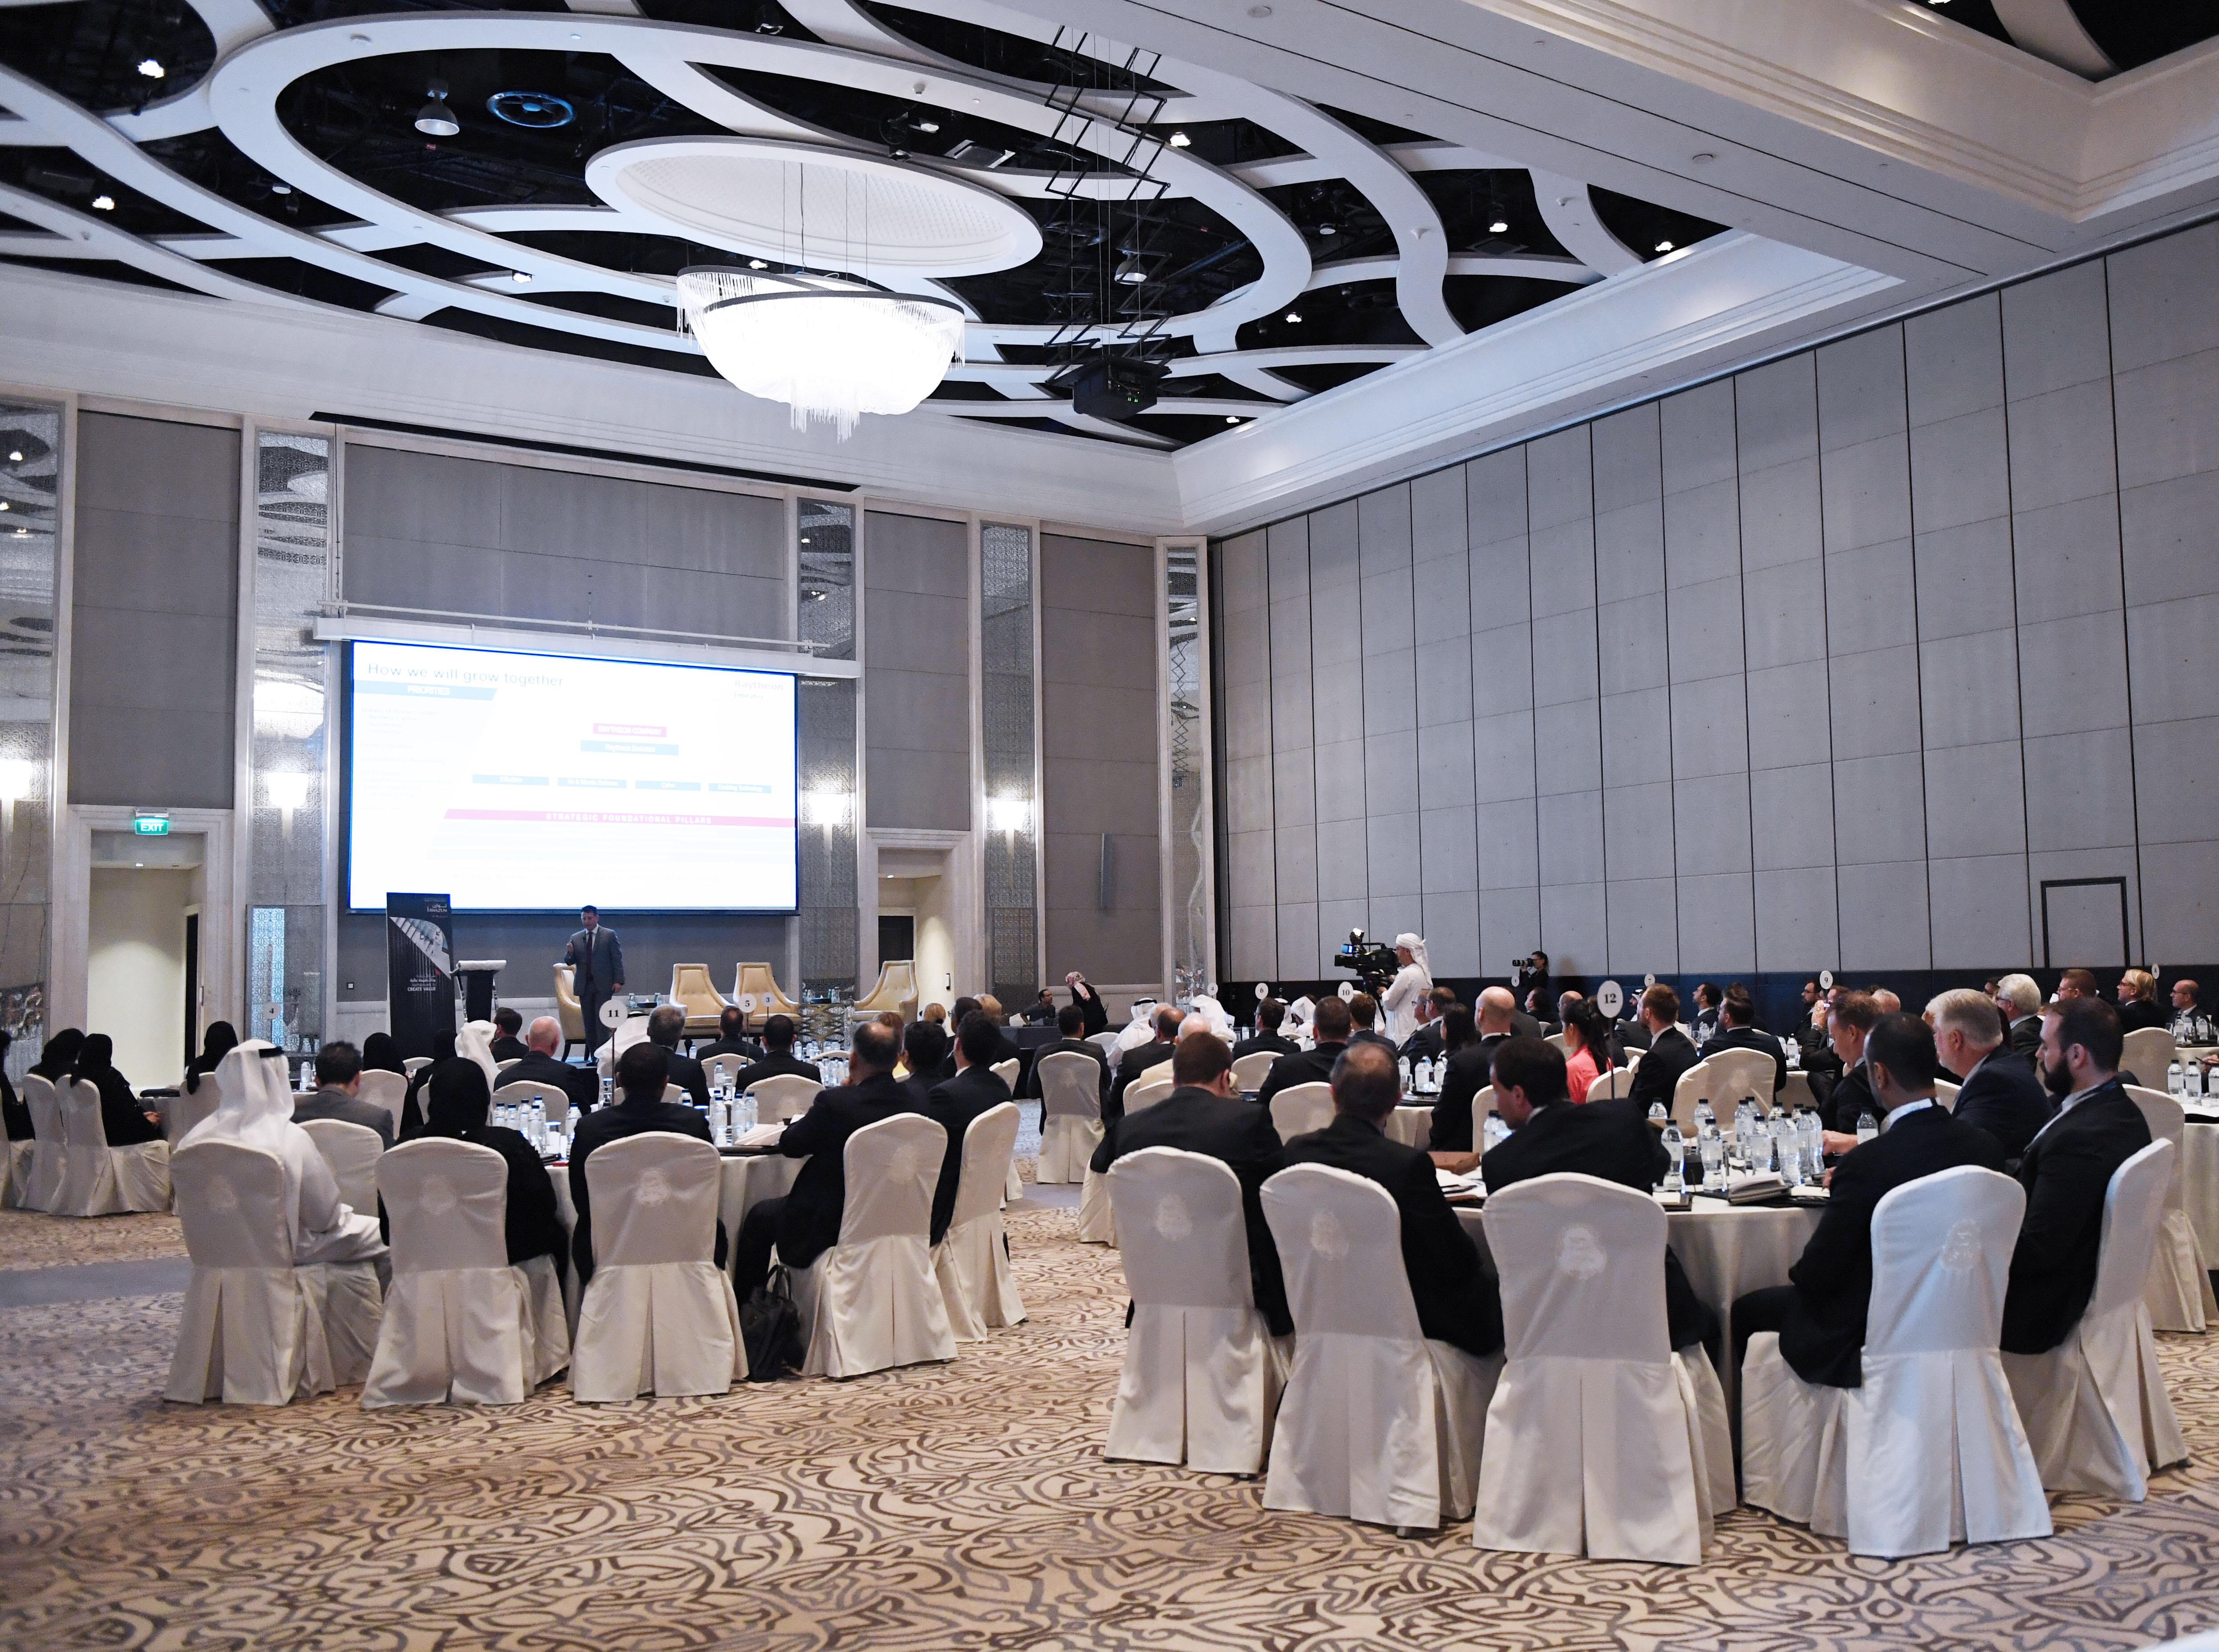 مجلس الشركات الدفاعية يعقد اجتماعه الثامن في أبوظبي. 3